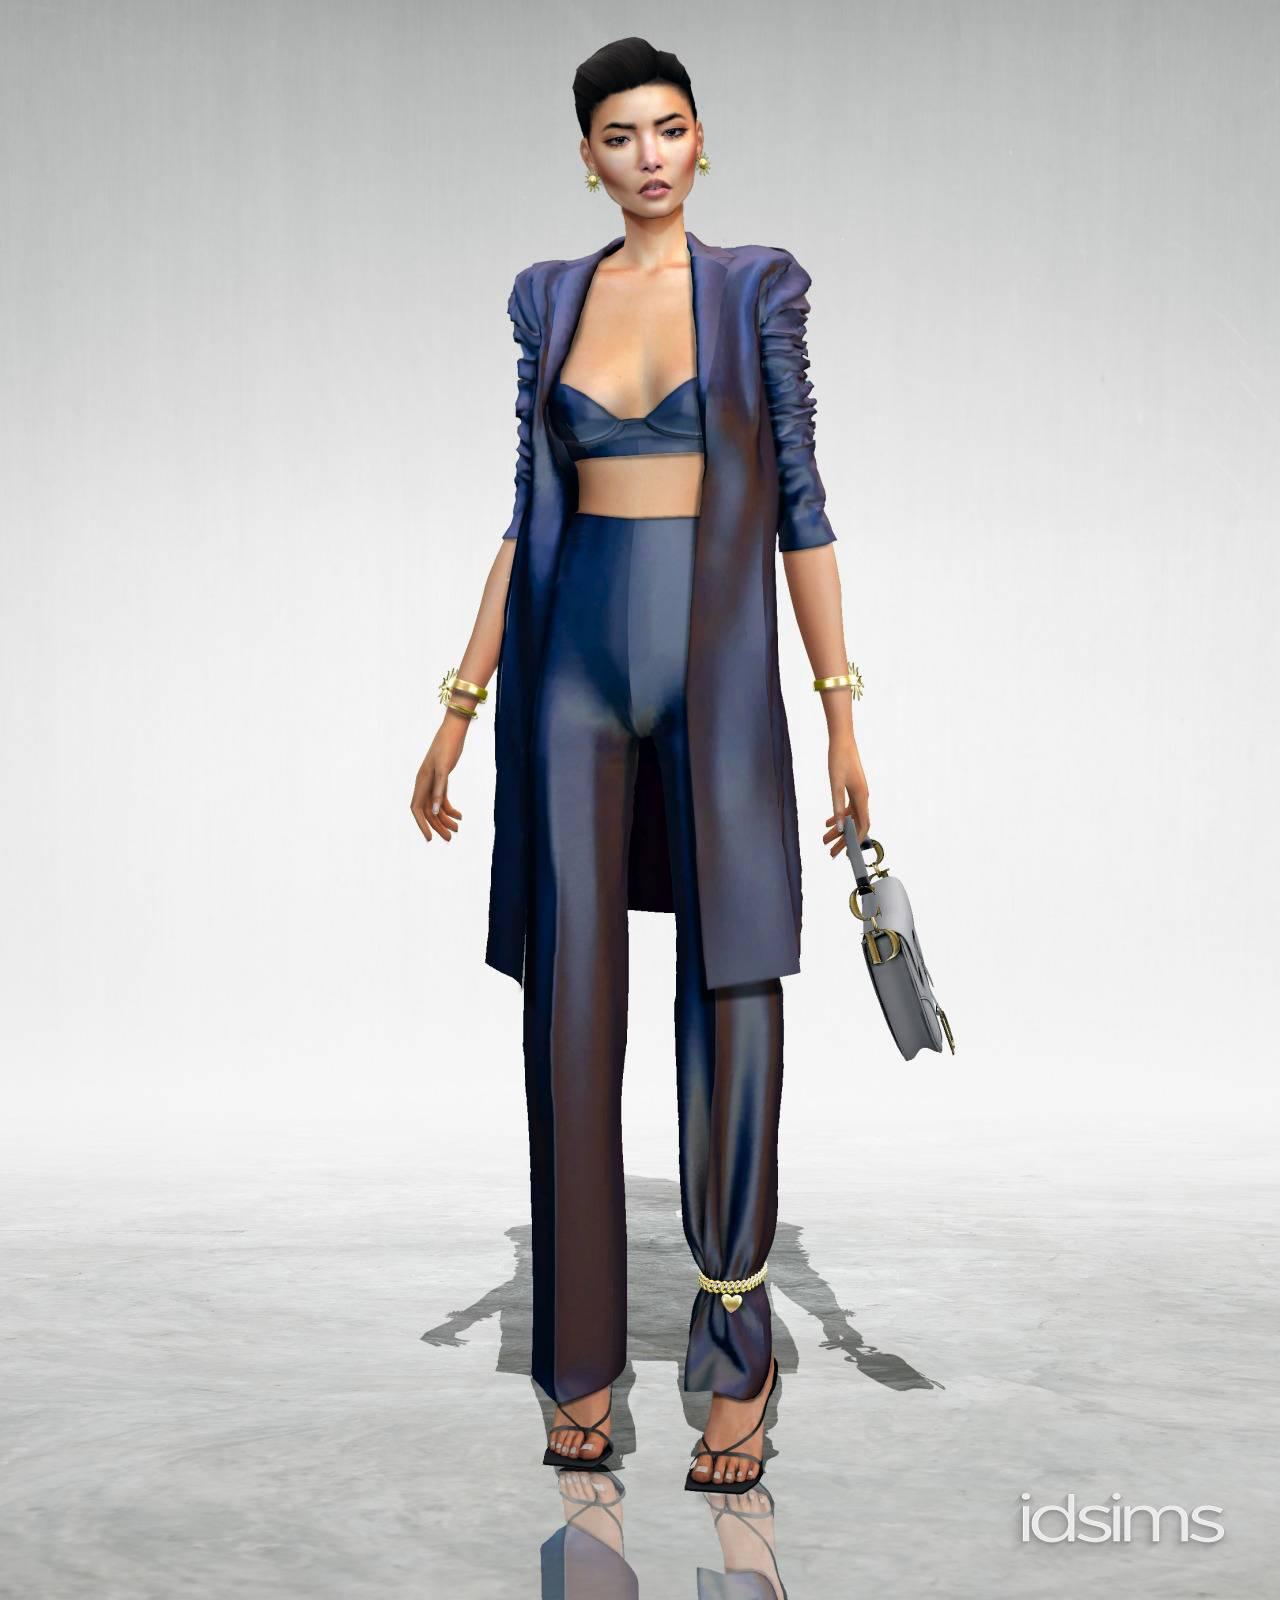 Женский костюм - dior fit set